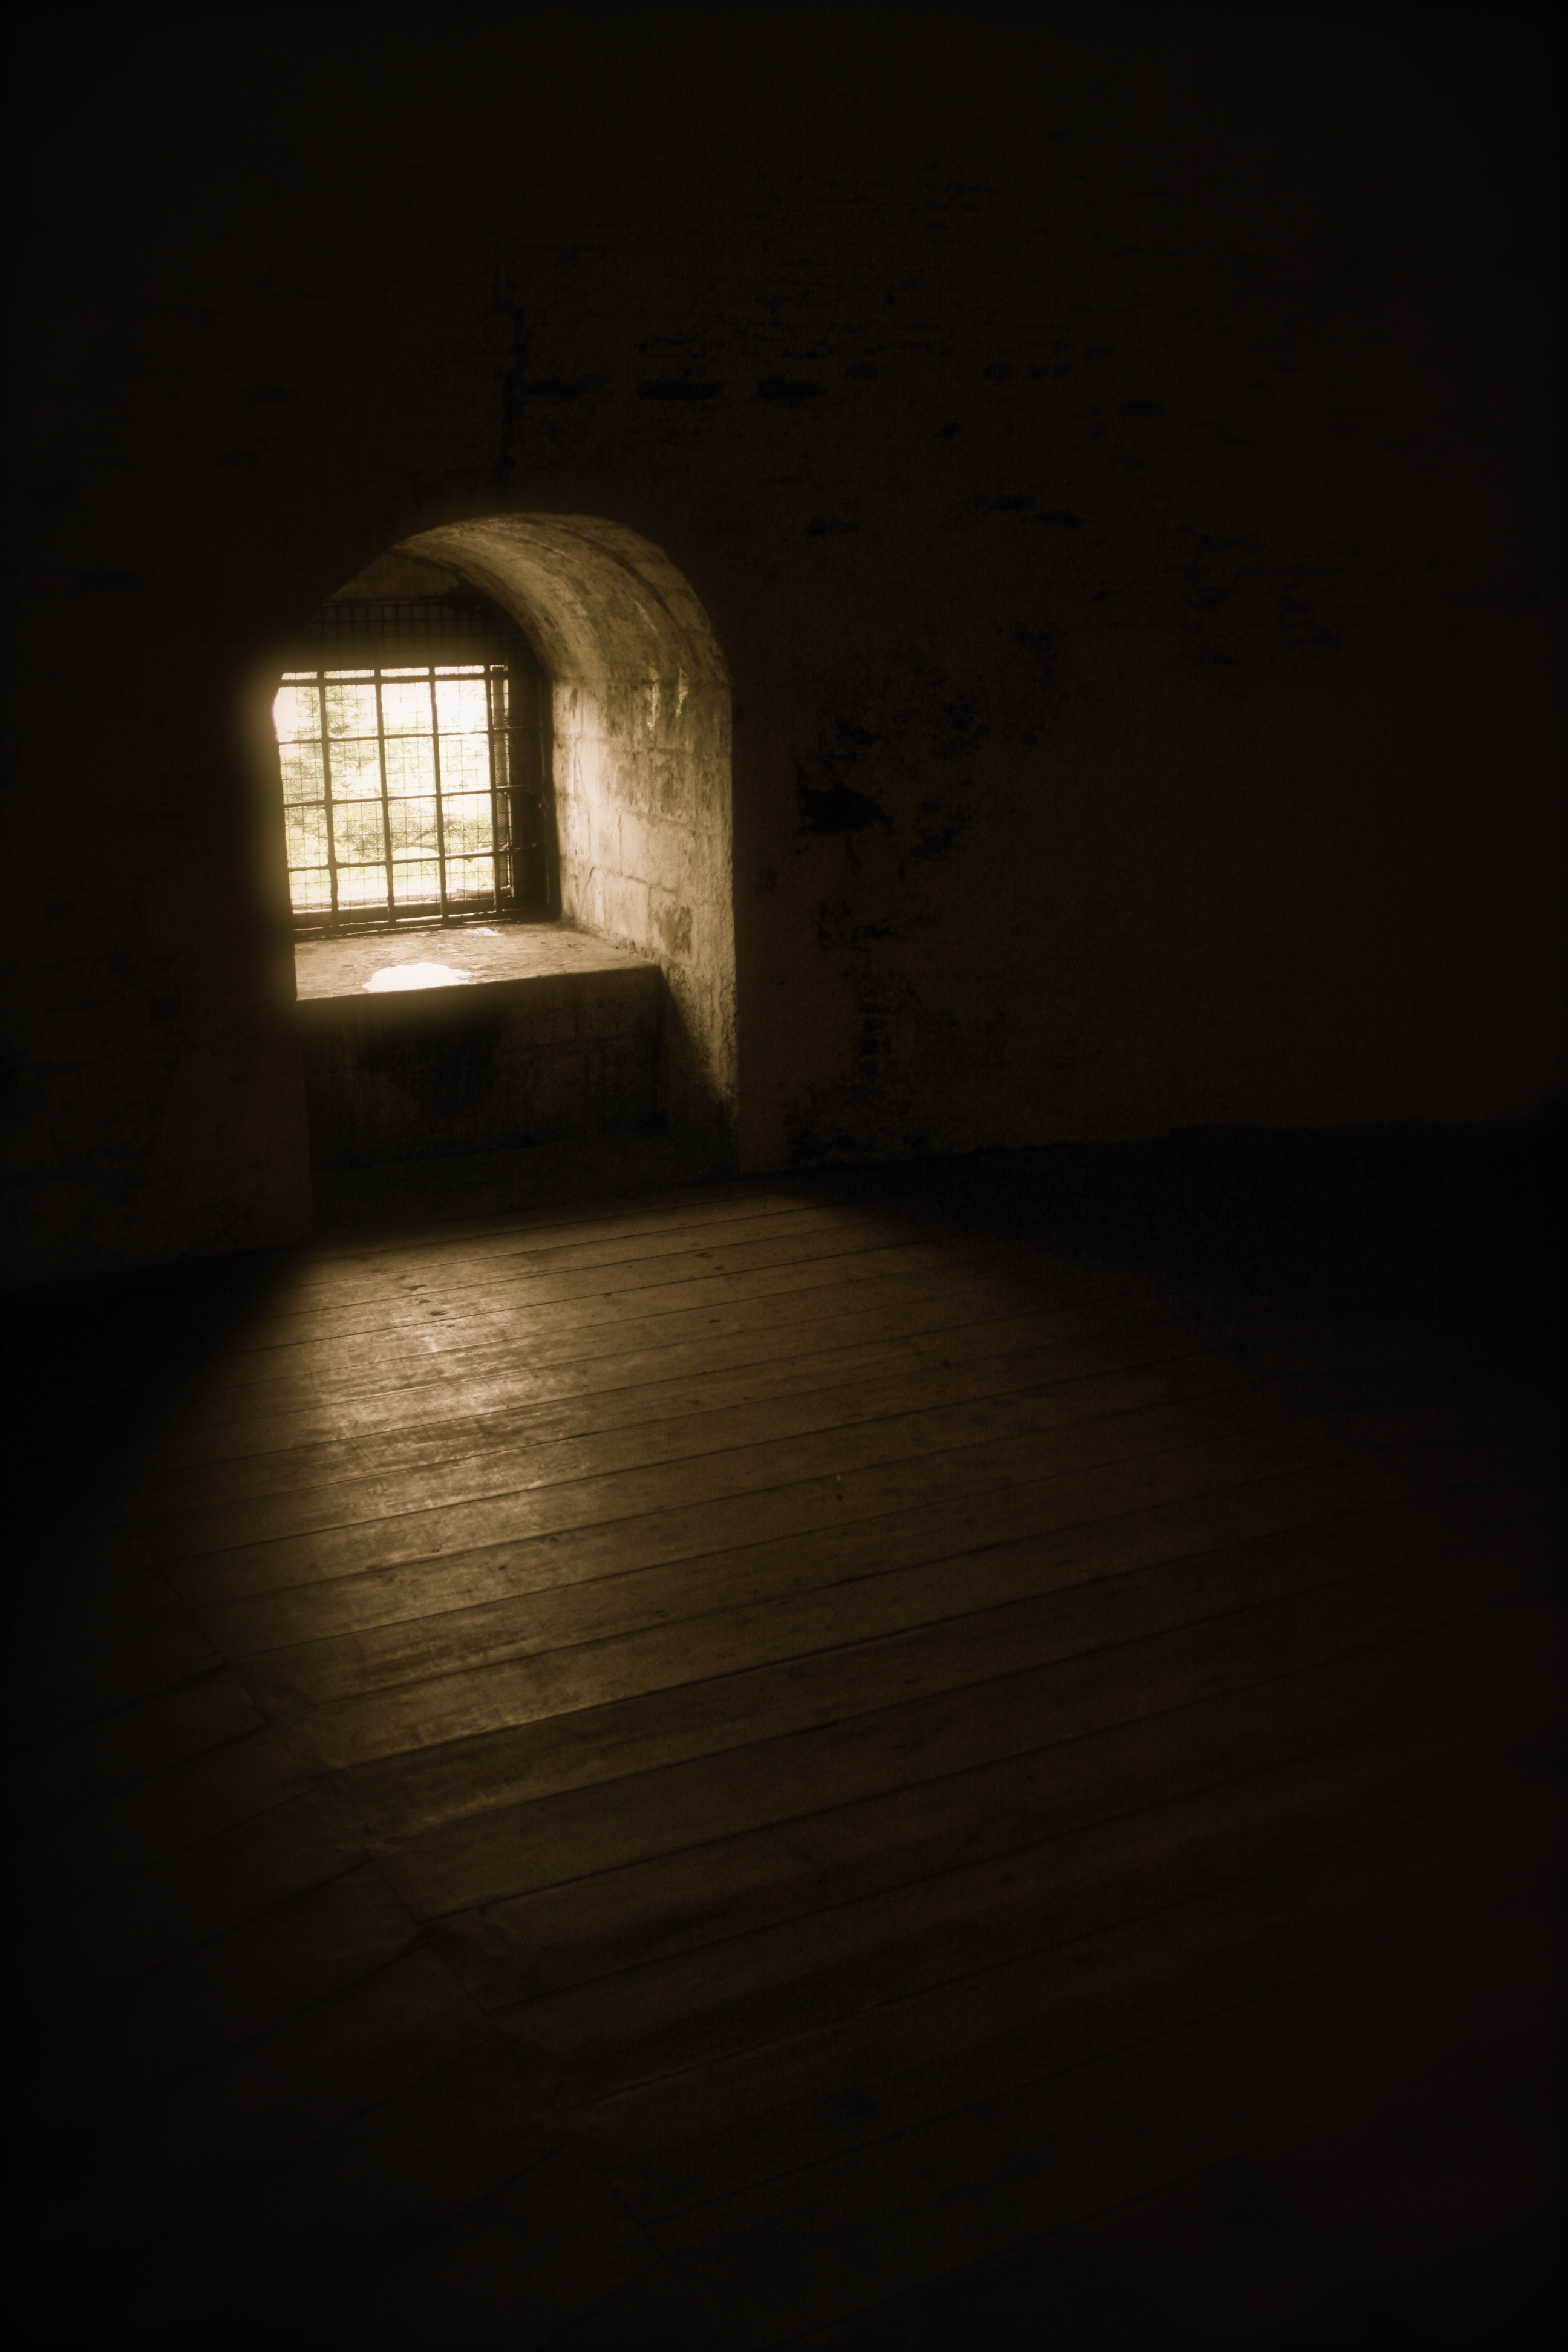 Dark Room, Dark, Darkness, Light, Room, HQ Photo